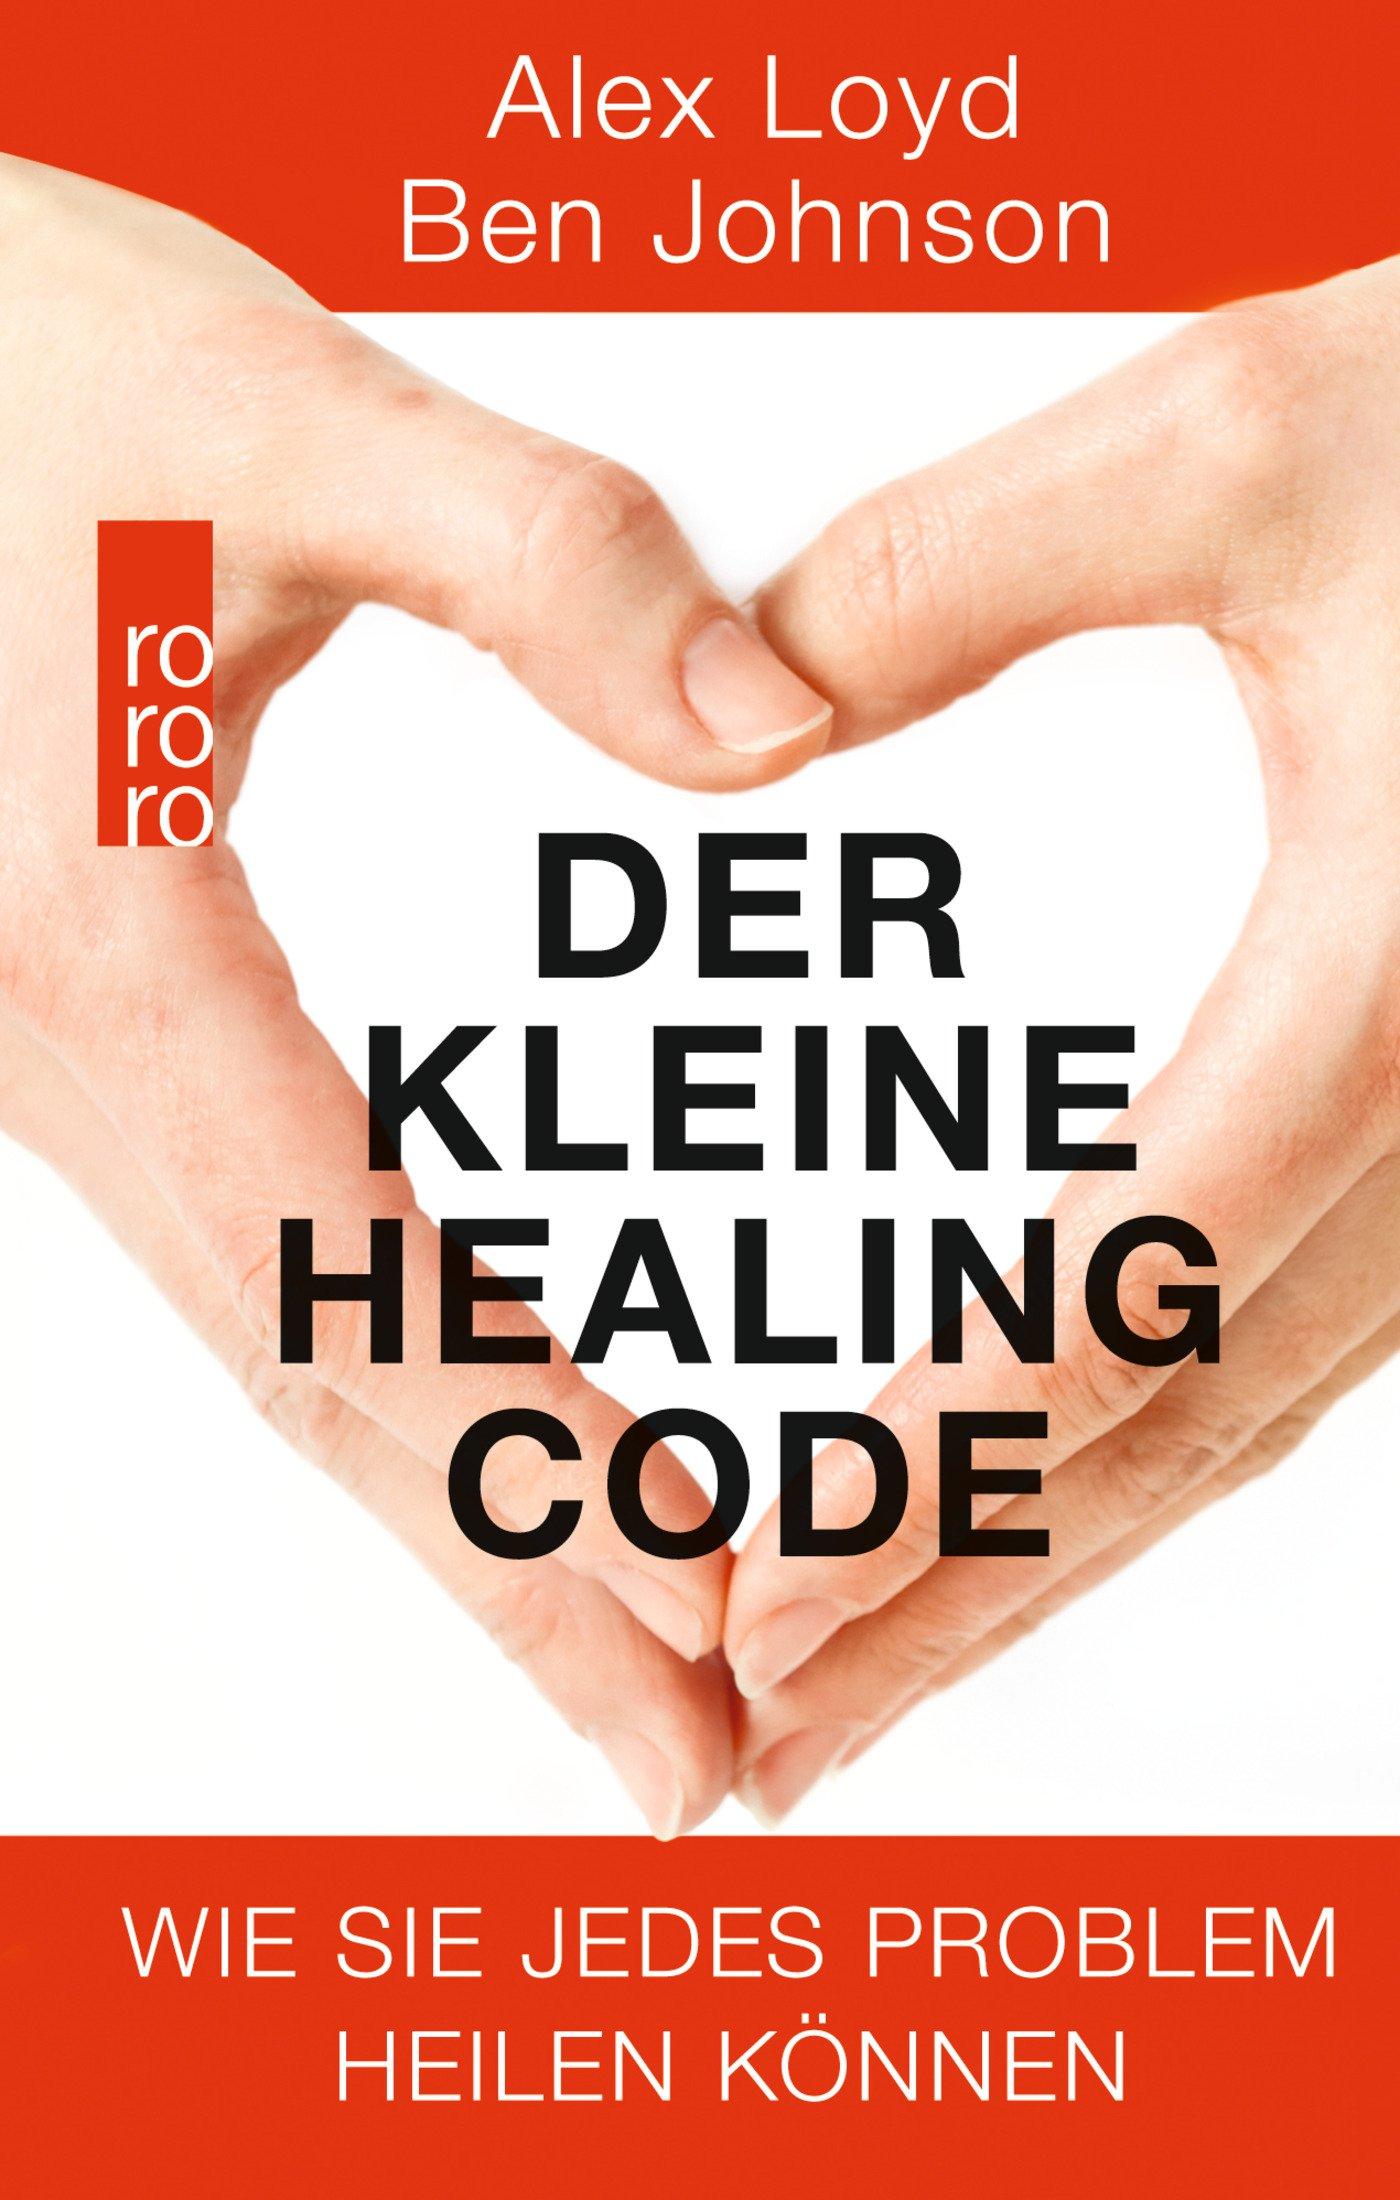 Der kleine Healing Code: Wie Sie jedes Problem heilen können Gebundenes Buch – 21. Oktober 2016 Alex Loyd Ben Johnson Barbara Imgrund Rowohlt Taschenbuch